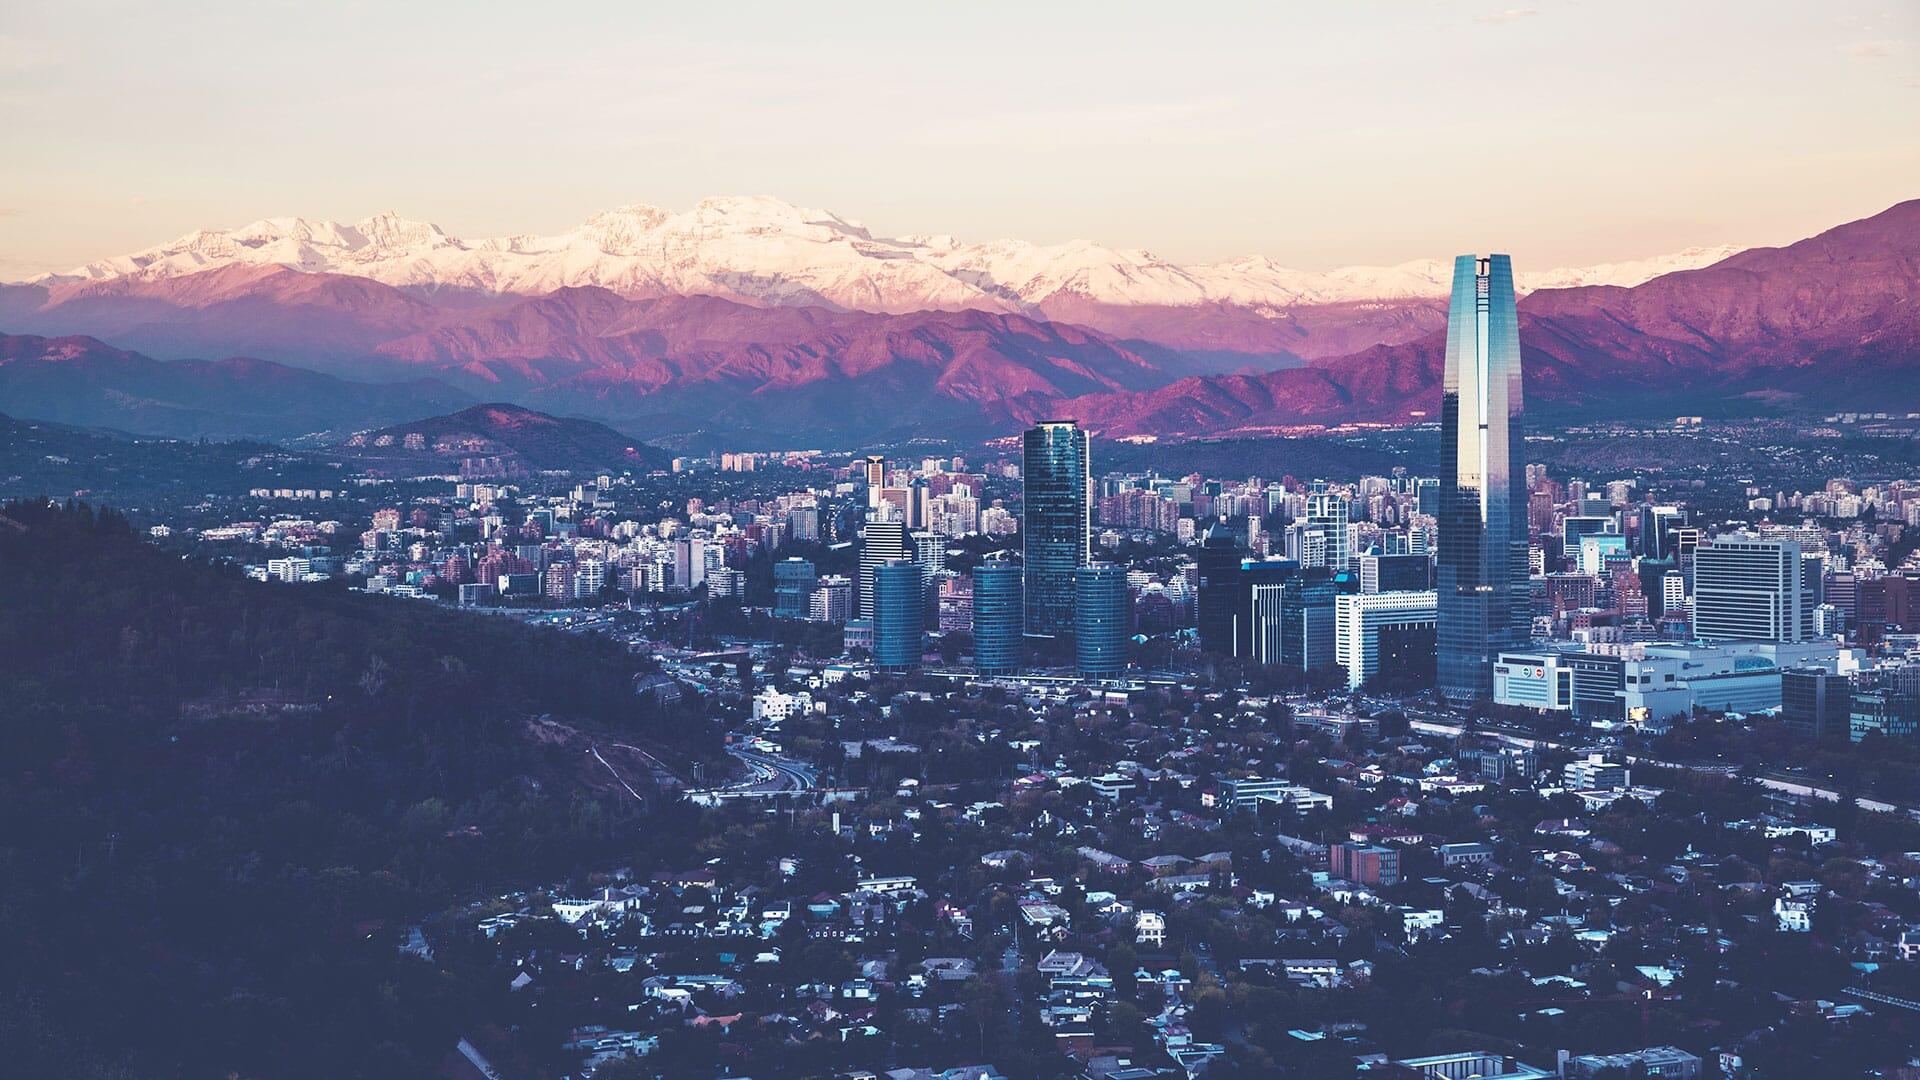 Mirada Macroeconómica y el Impacto en el Mercado de Real Estate